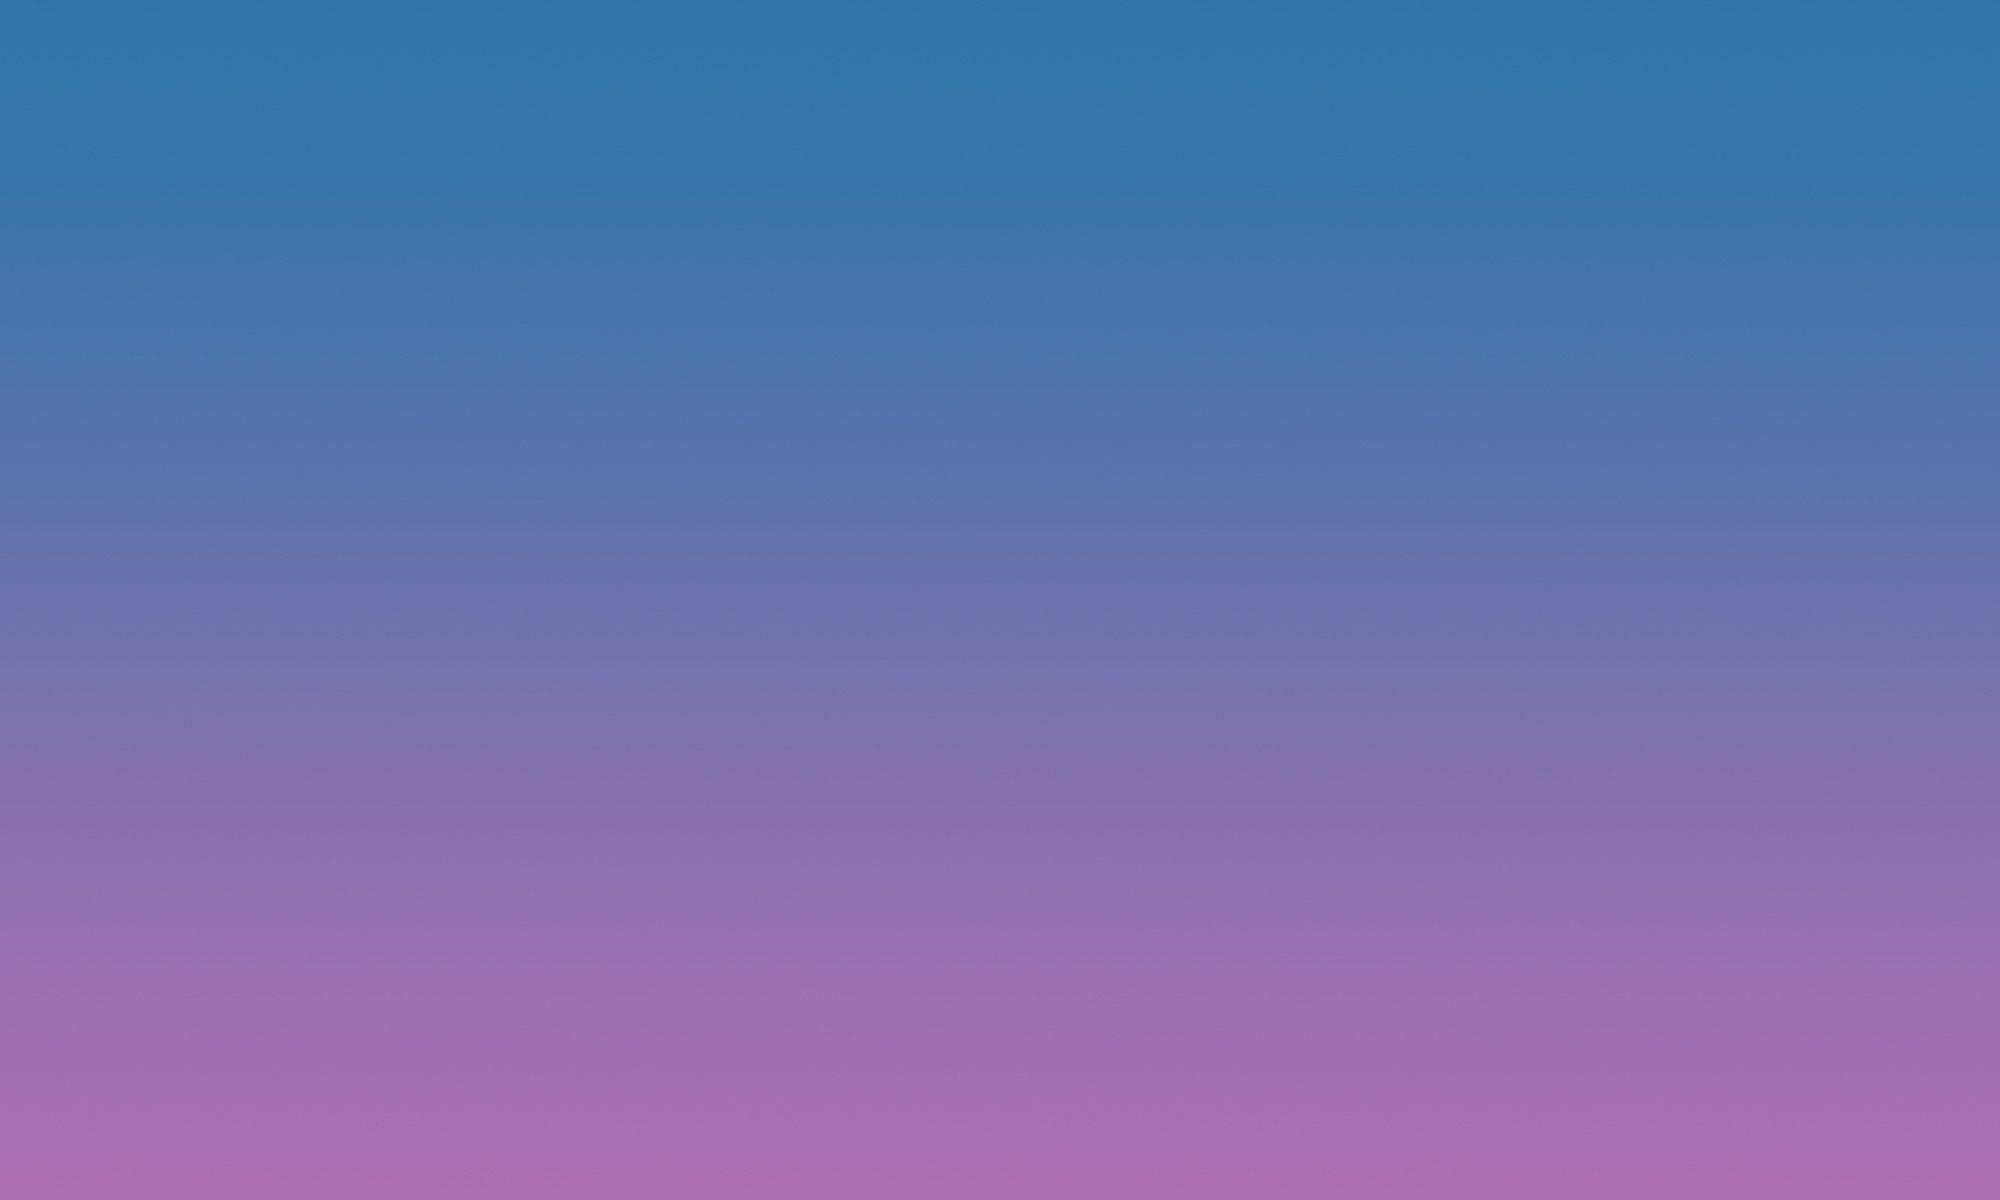 Blue Ocean Design